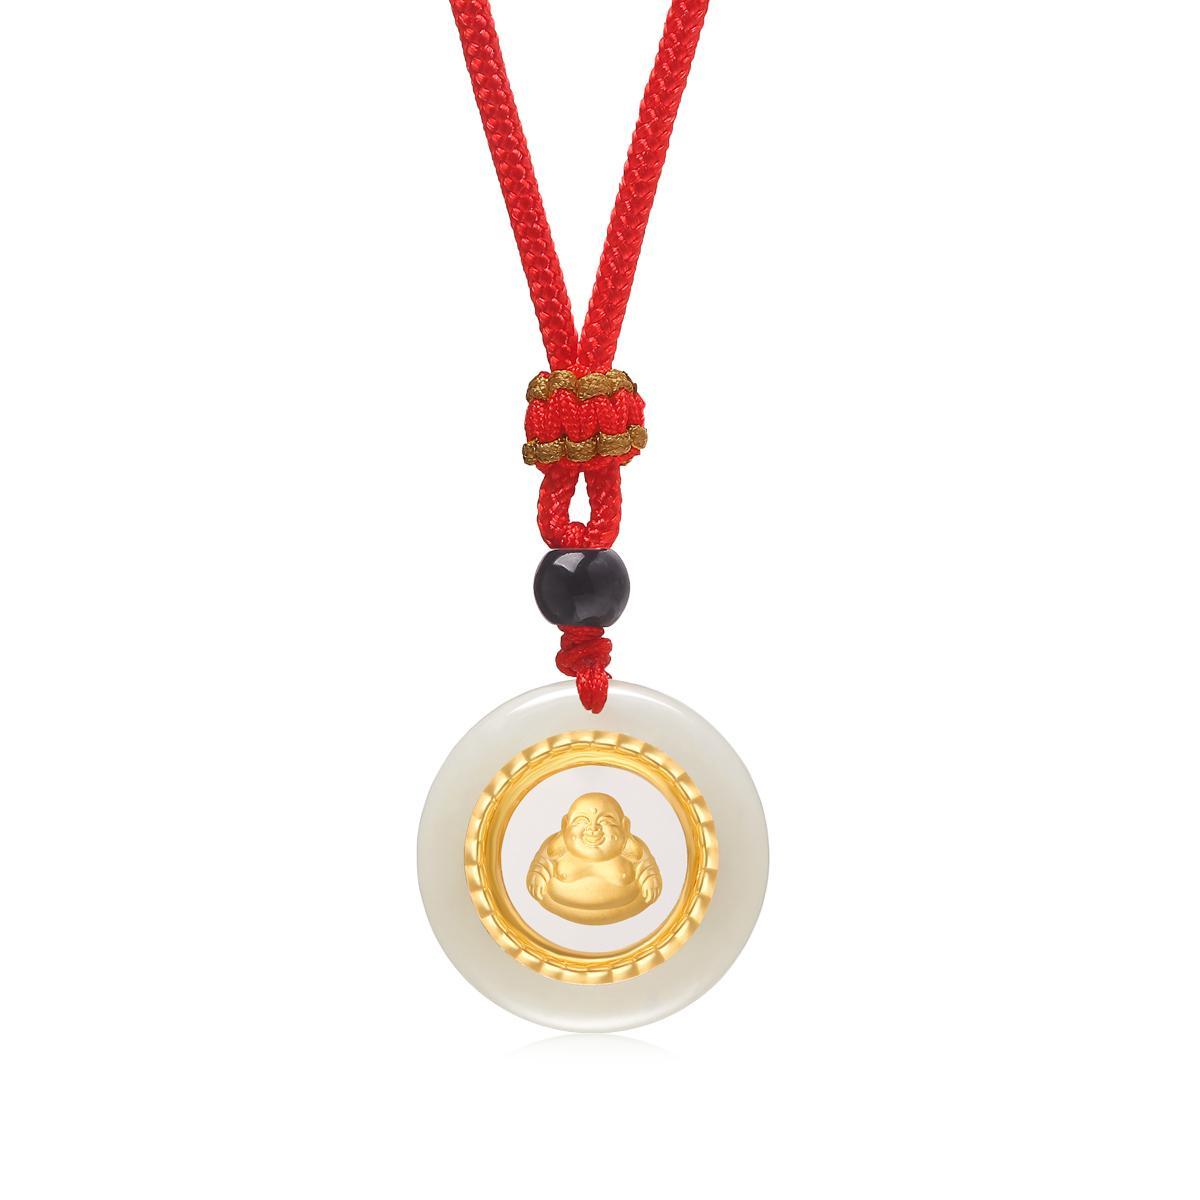 Novo estilo Pure 24K ouro colar de pingente Laughing Buddha Boa Sorte mascote Nephrite Homens Pendant Traga presente Paz 1023